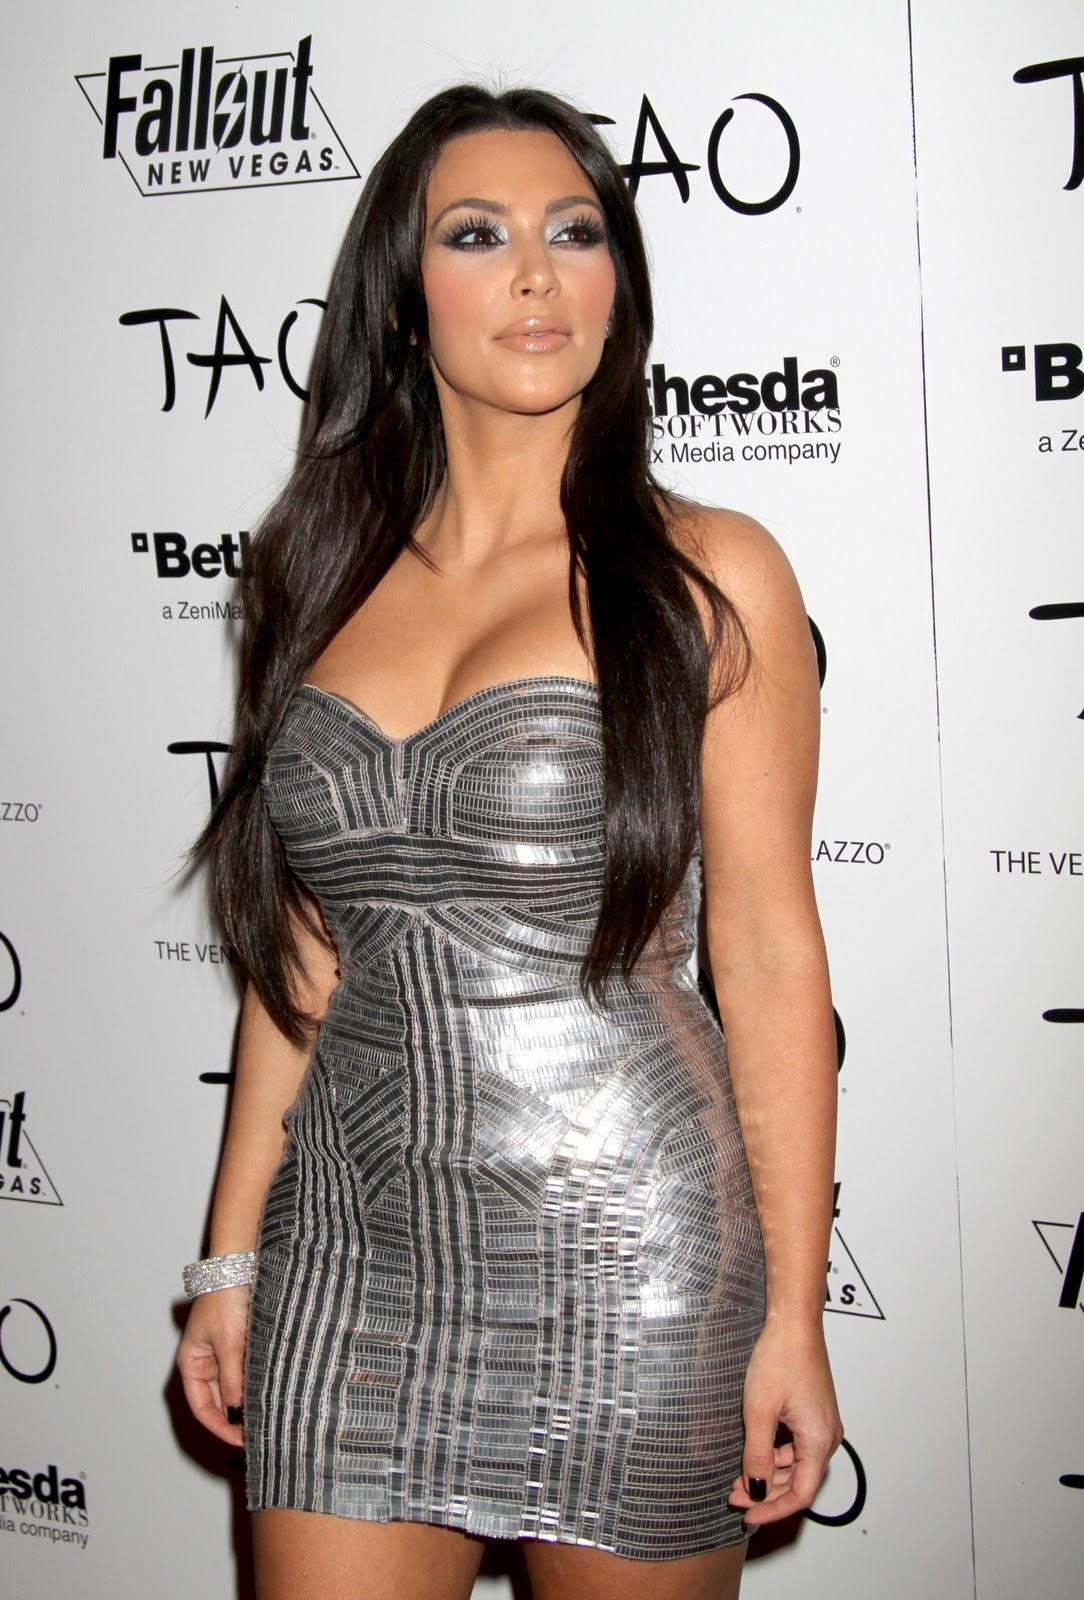 http://1.bp.blogspot.com/_U-R83NWdROM/TLoaKdhQdXI/AAAAAAAAFOY/O7Upmeb0l1A/s1600/Kim-Kardashian-82.jpg